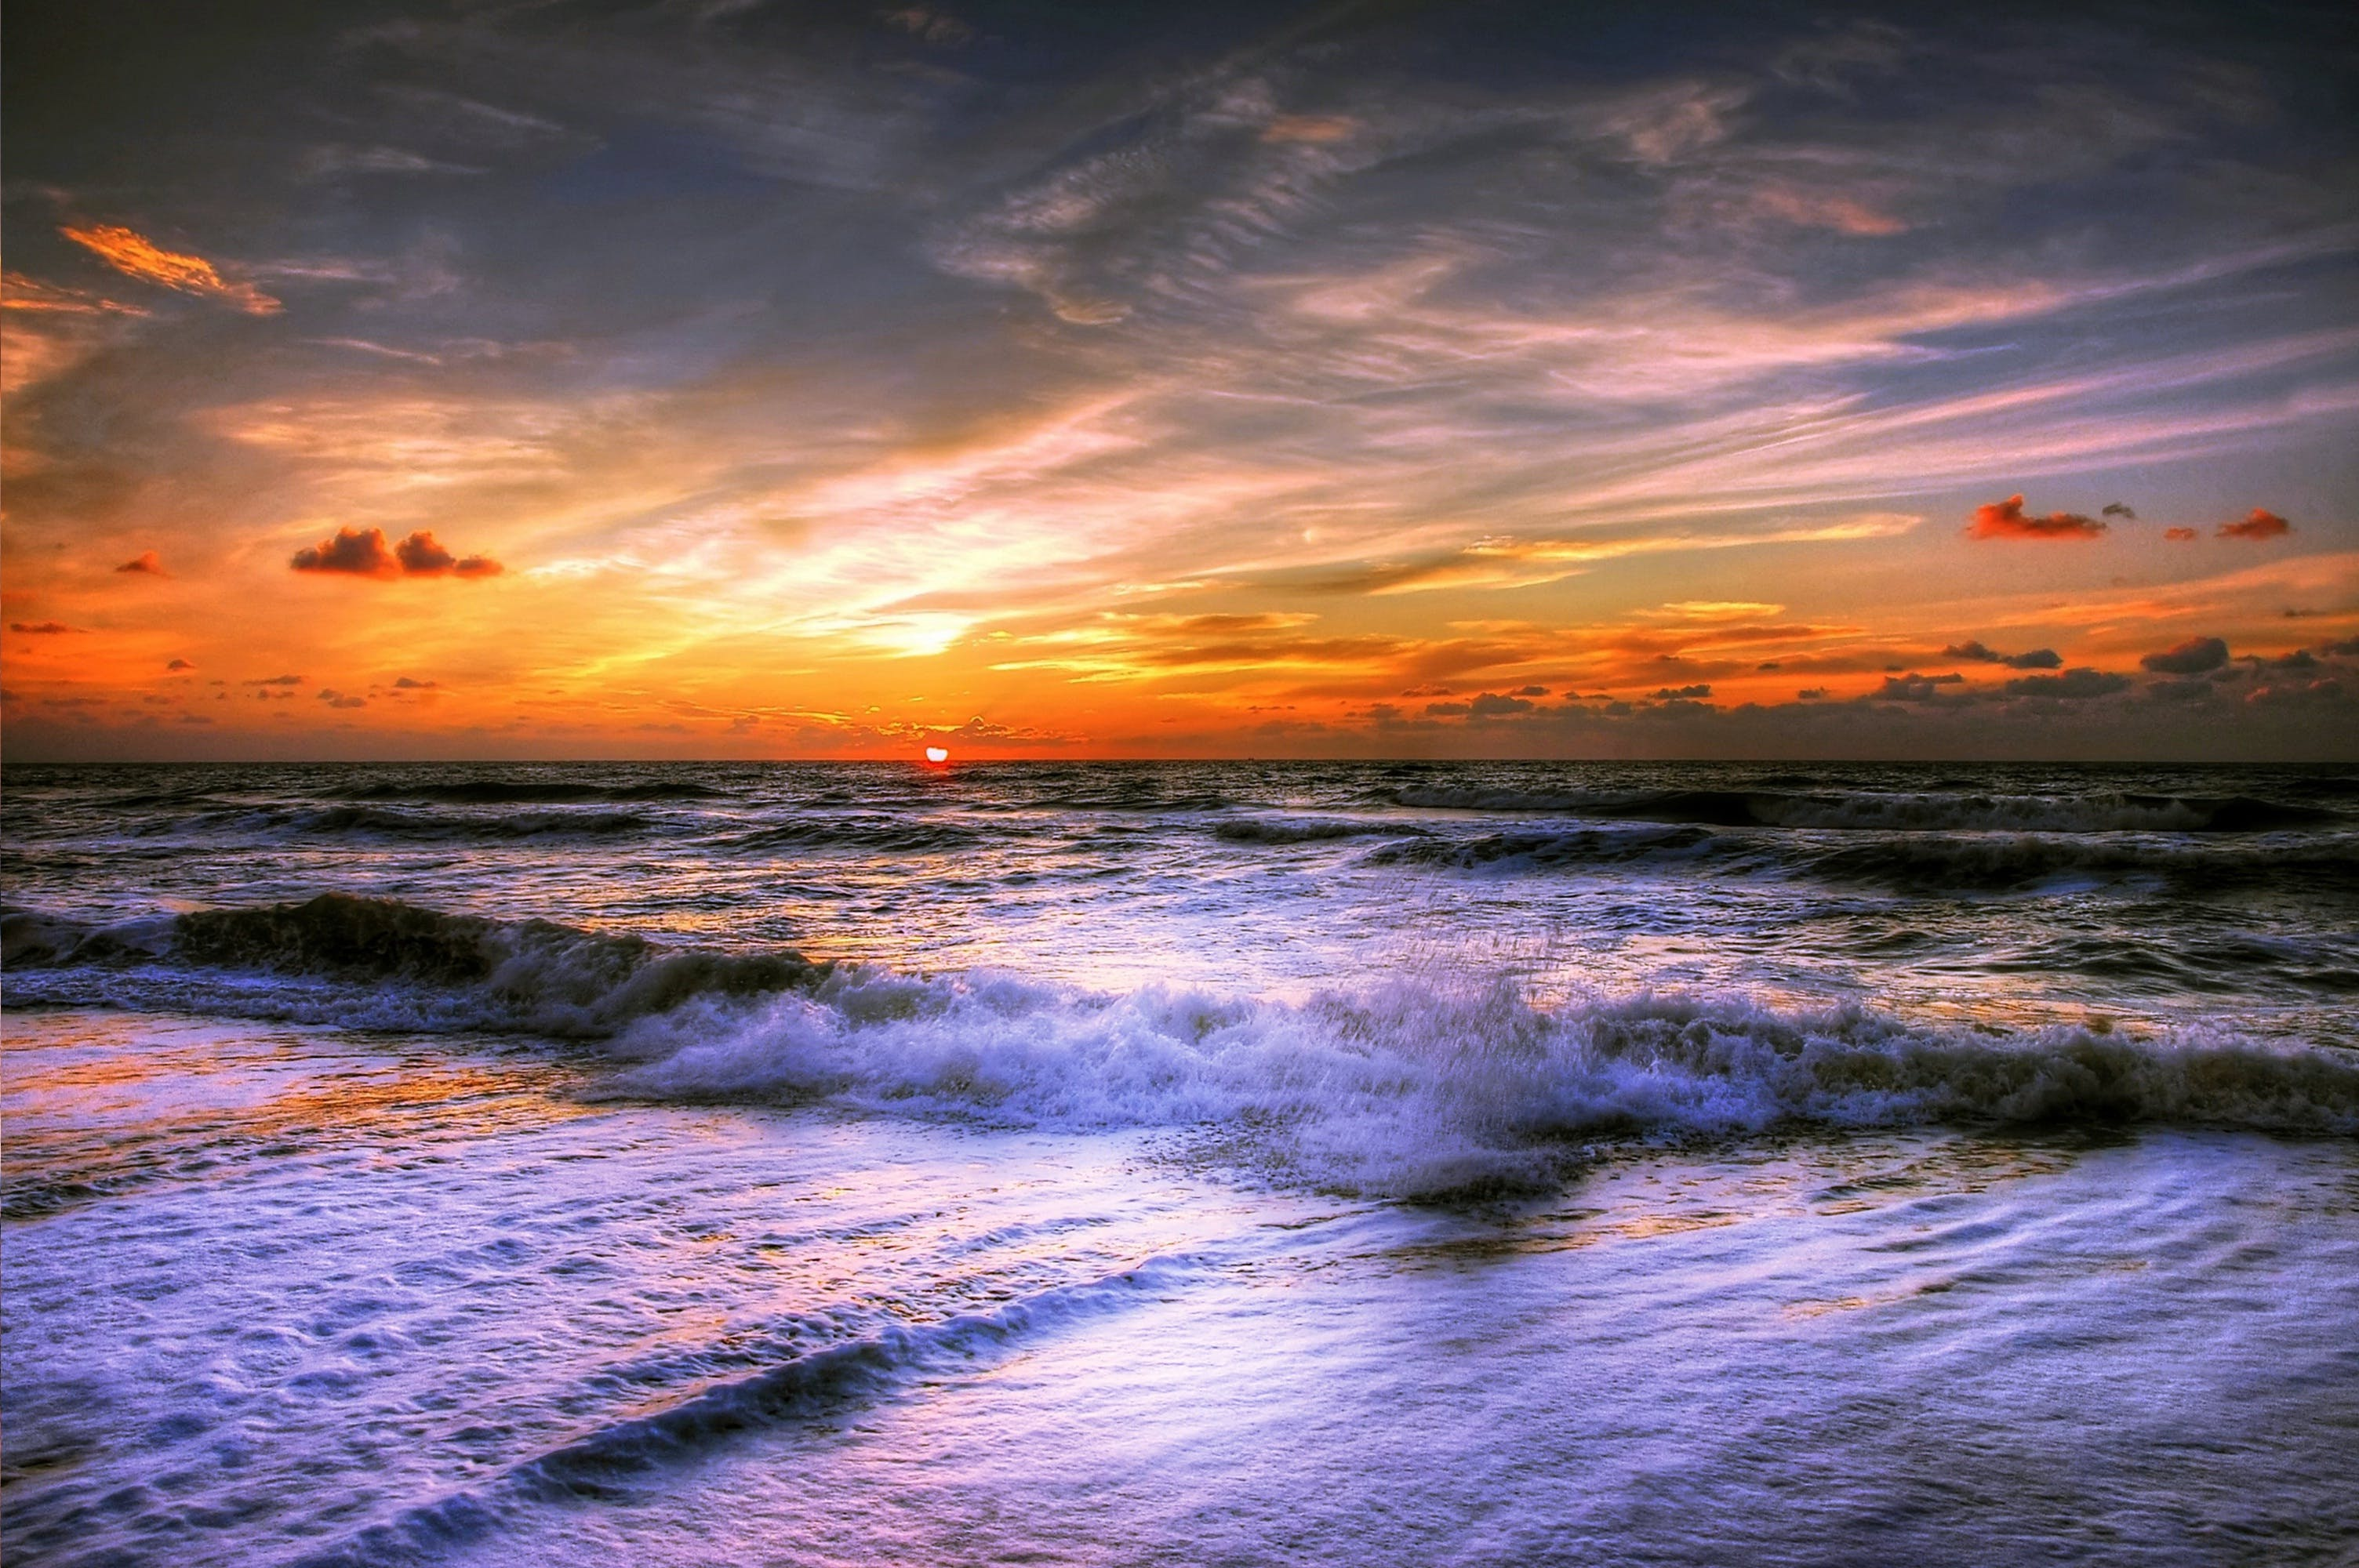 beach, clouds, coast